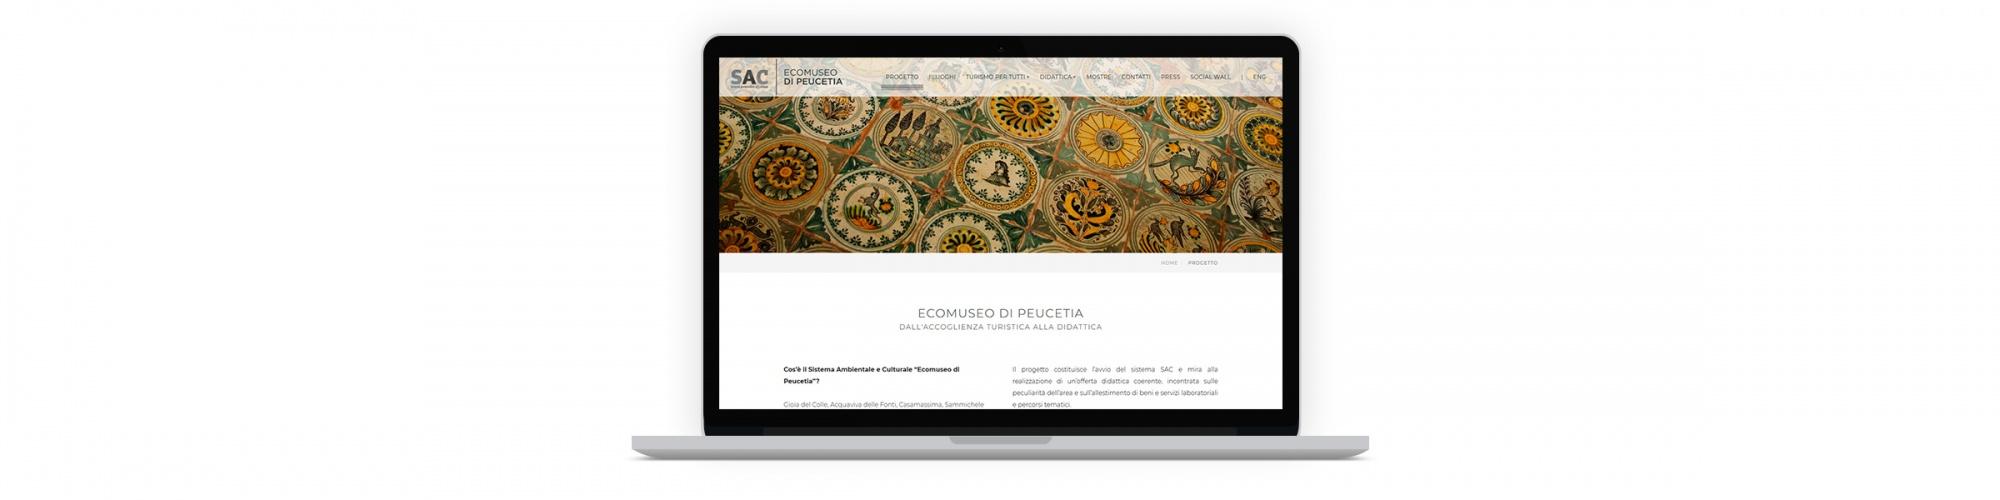 Sesinet Portfolio | Sito web per Ecomuseo di Peucetia